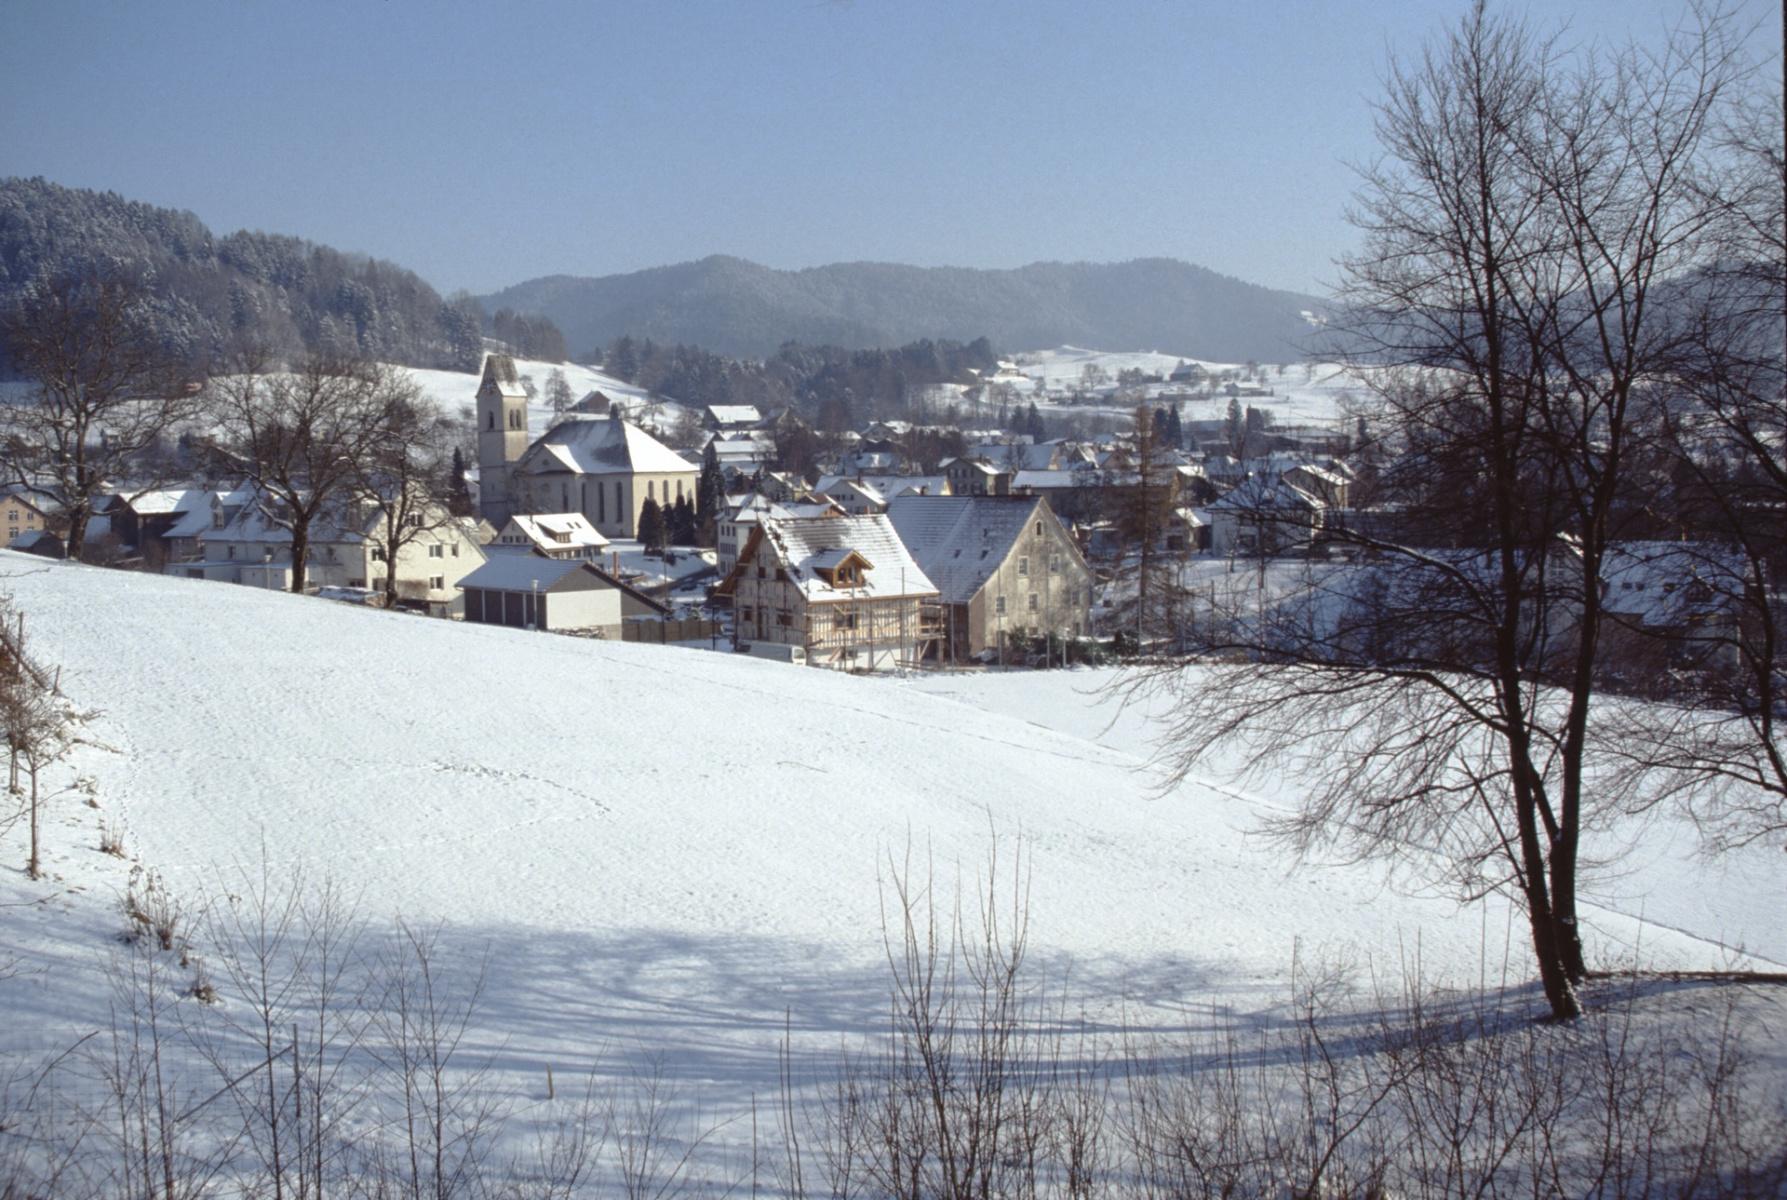 Dorf mit Kirche, aufg. Von der hinteren Ecke Zi 12 Schulhaus Letten